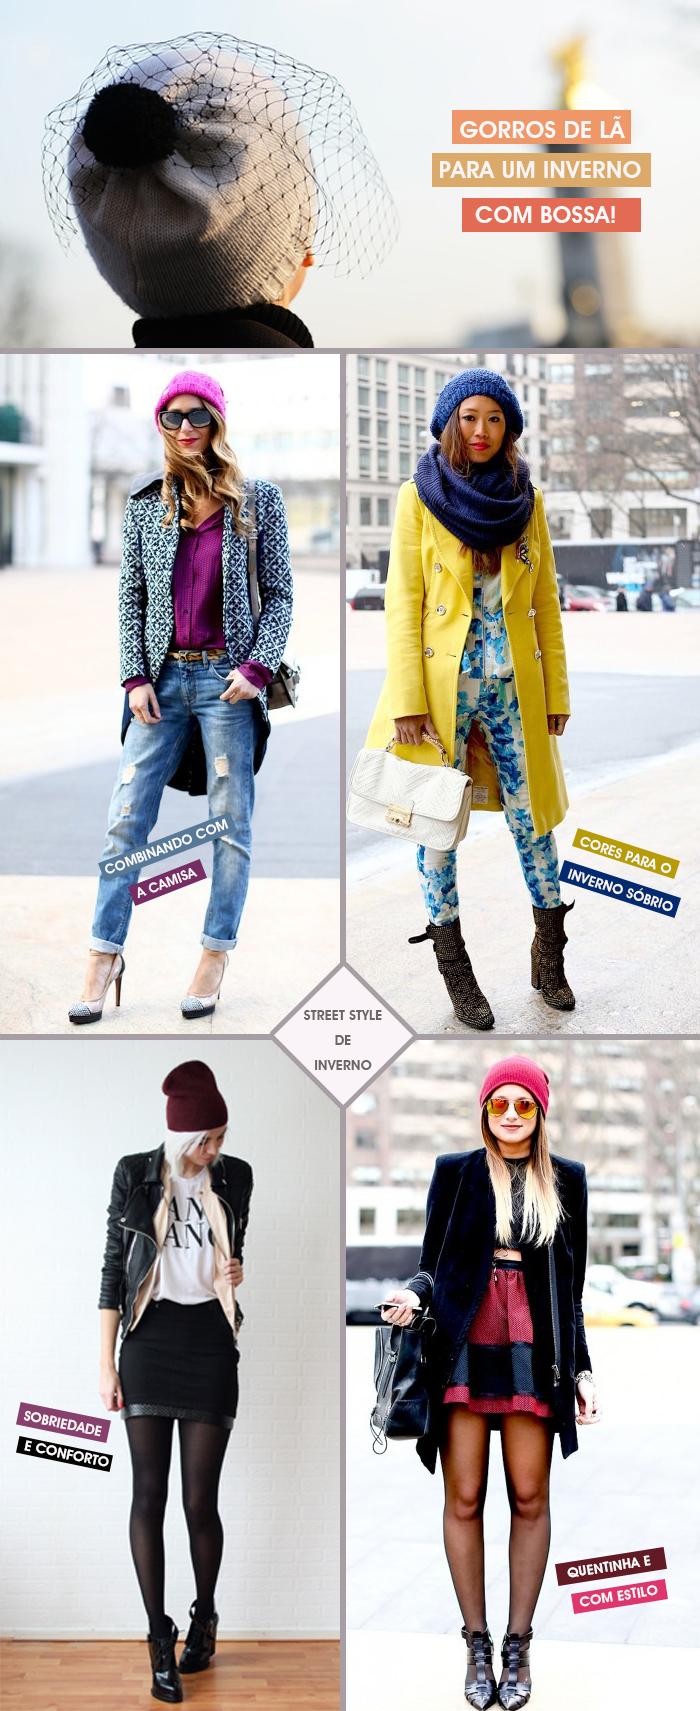 Trend alert gorros de lã para o inverno 2013 2014 Fashion Blog